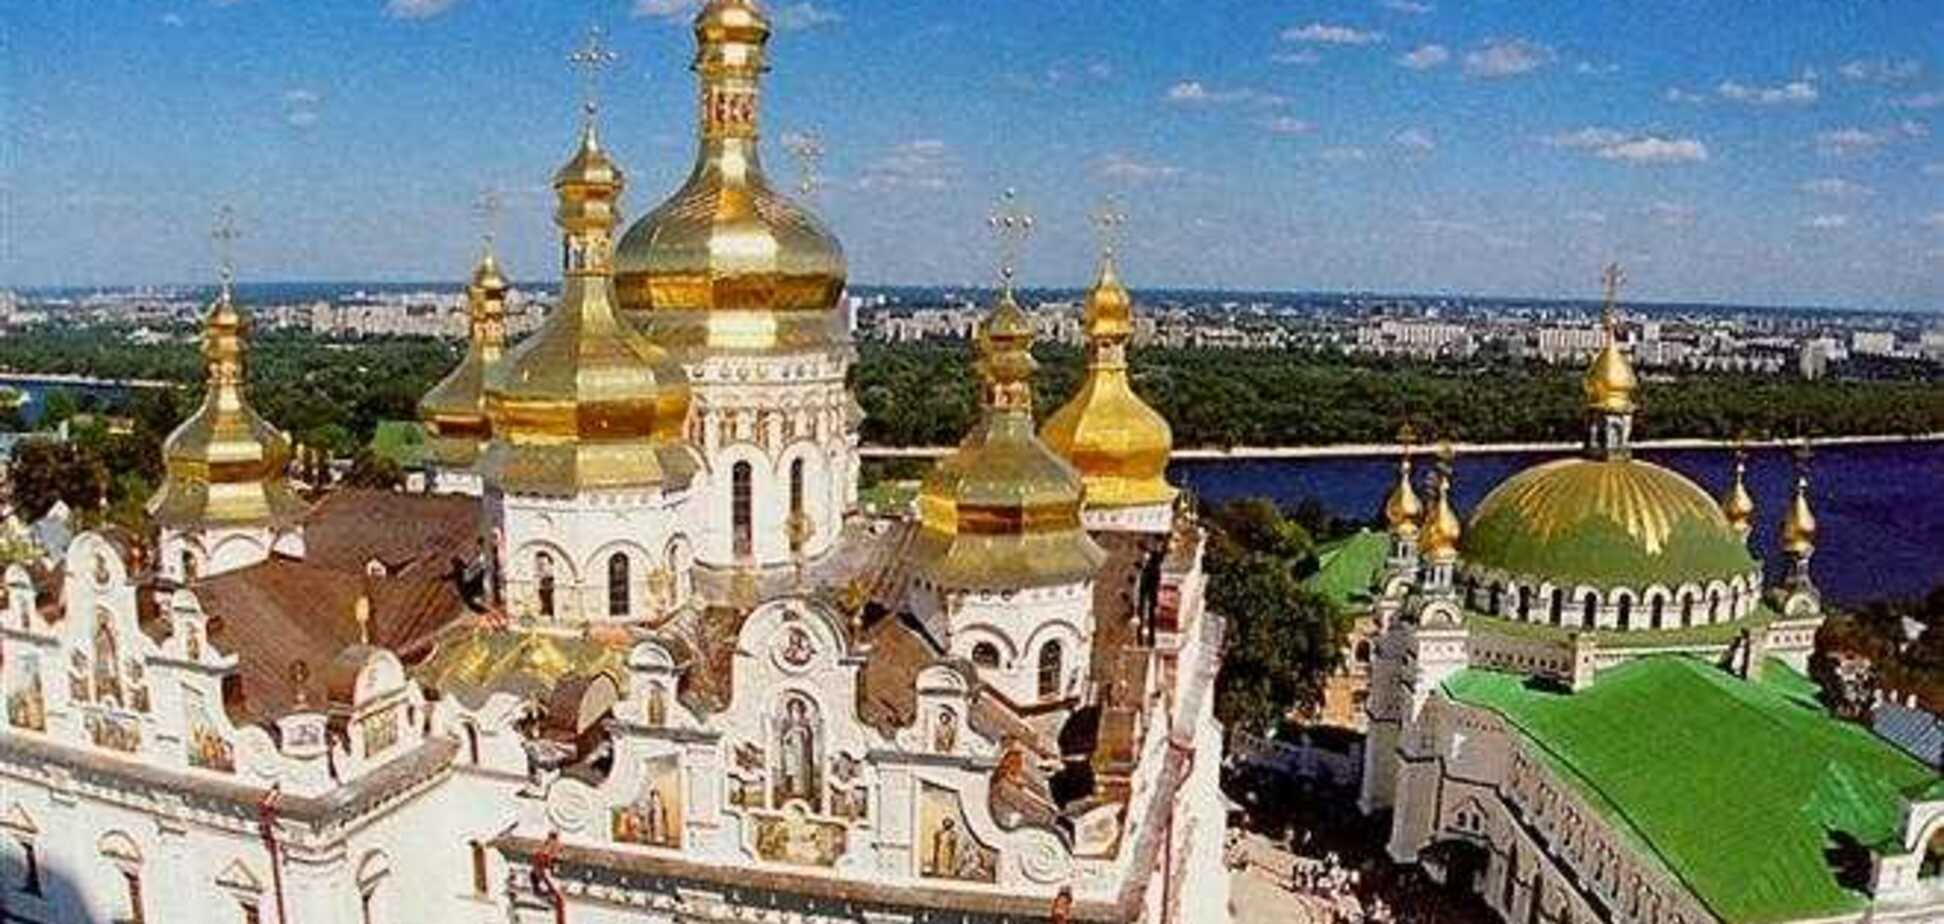 Церква в умовах інформаційної війни. Георгій Коваленко, Євстратій Зоря на обози